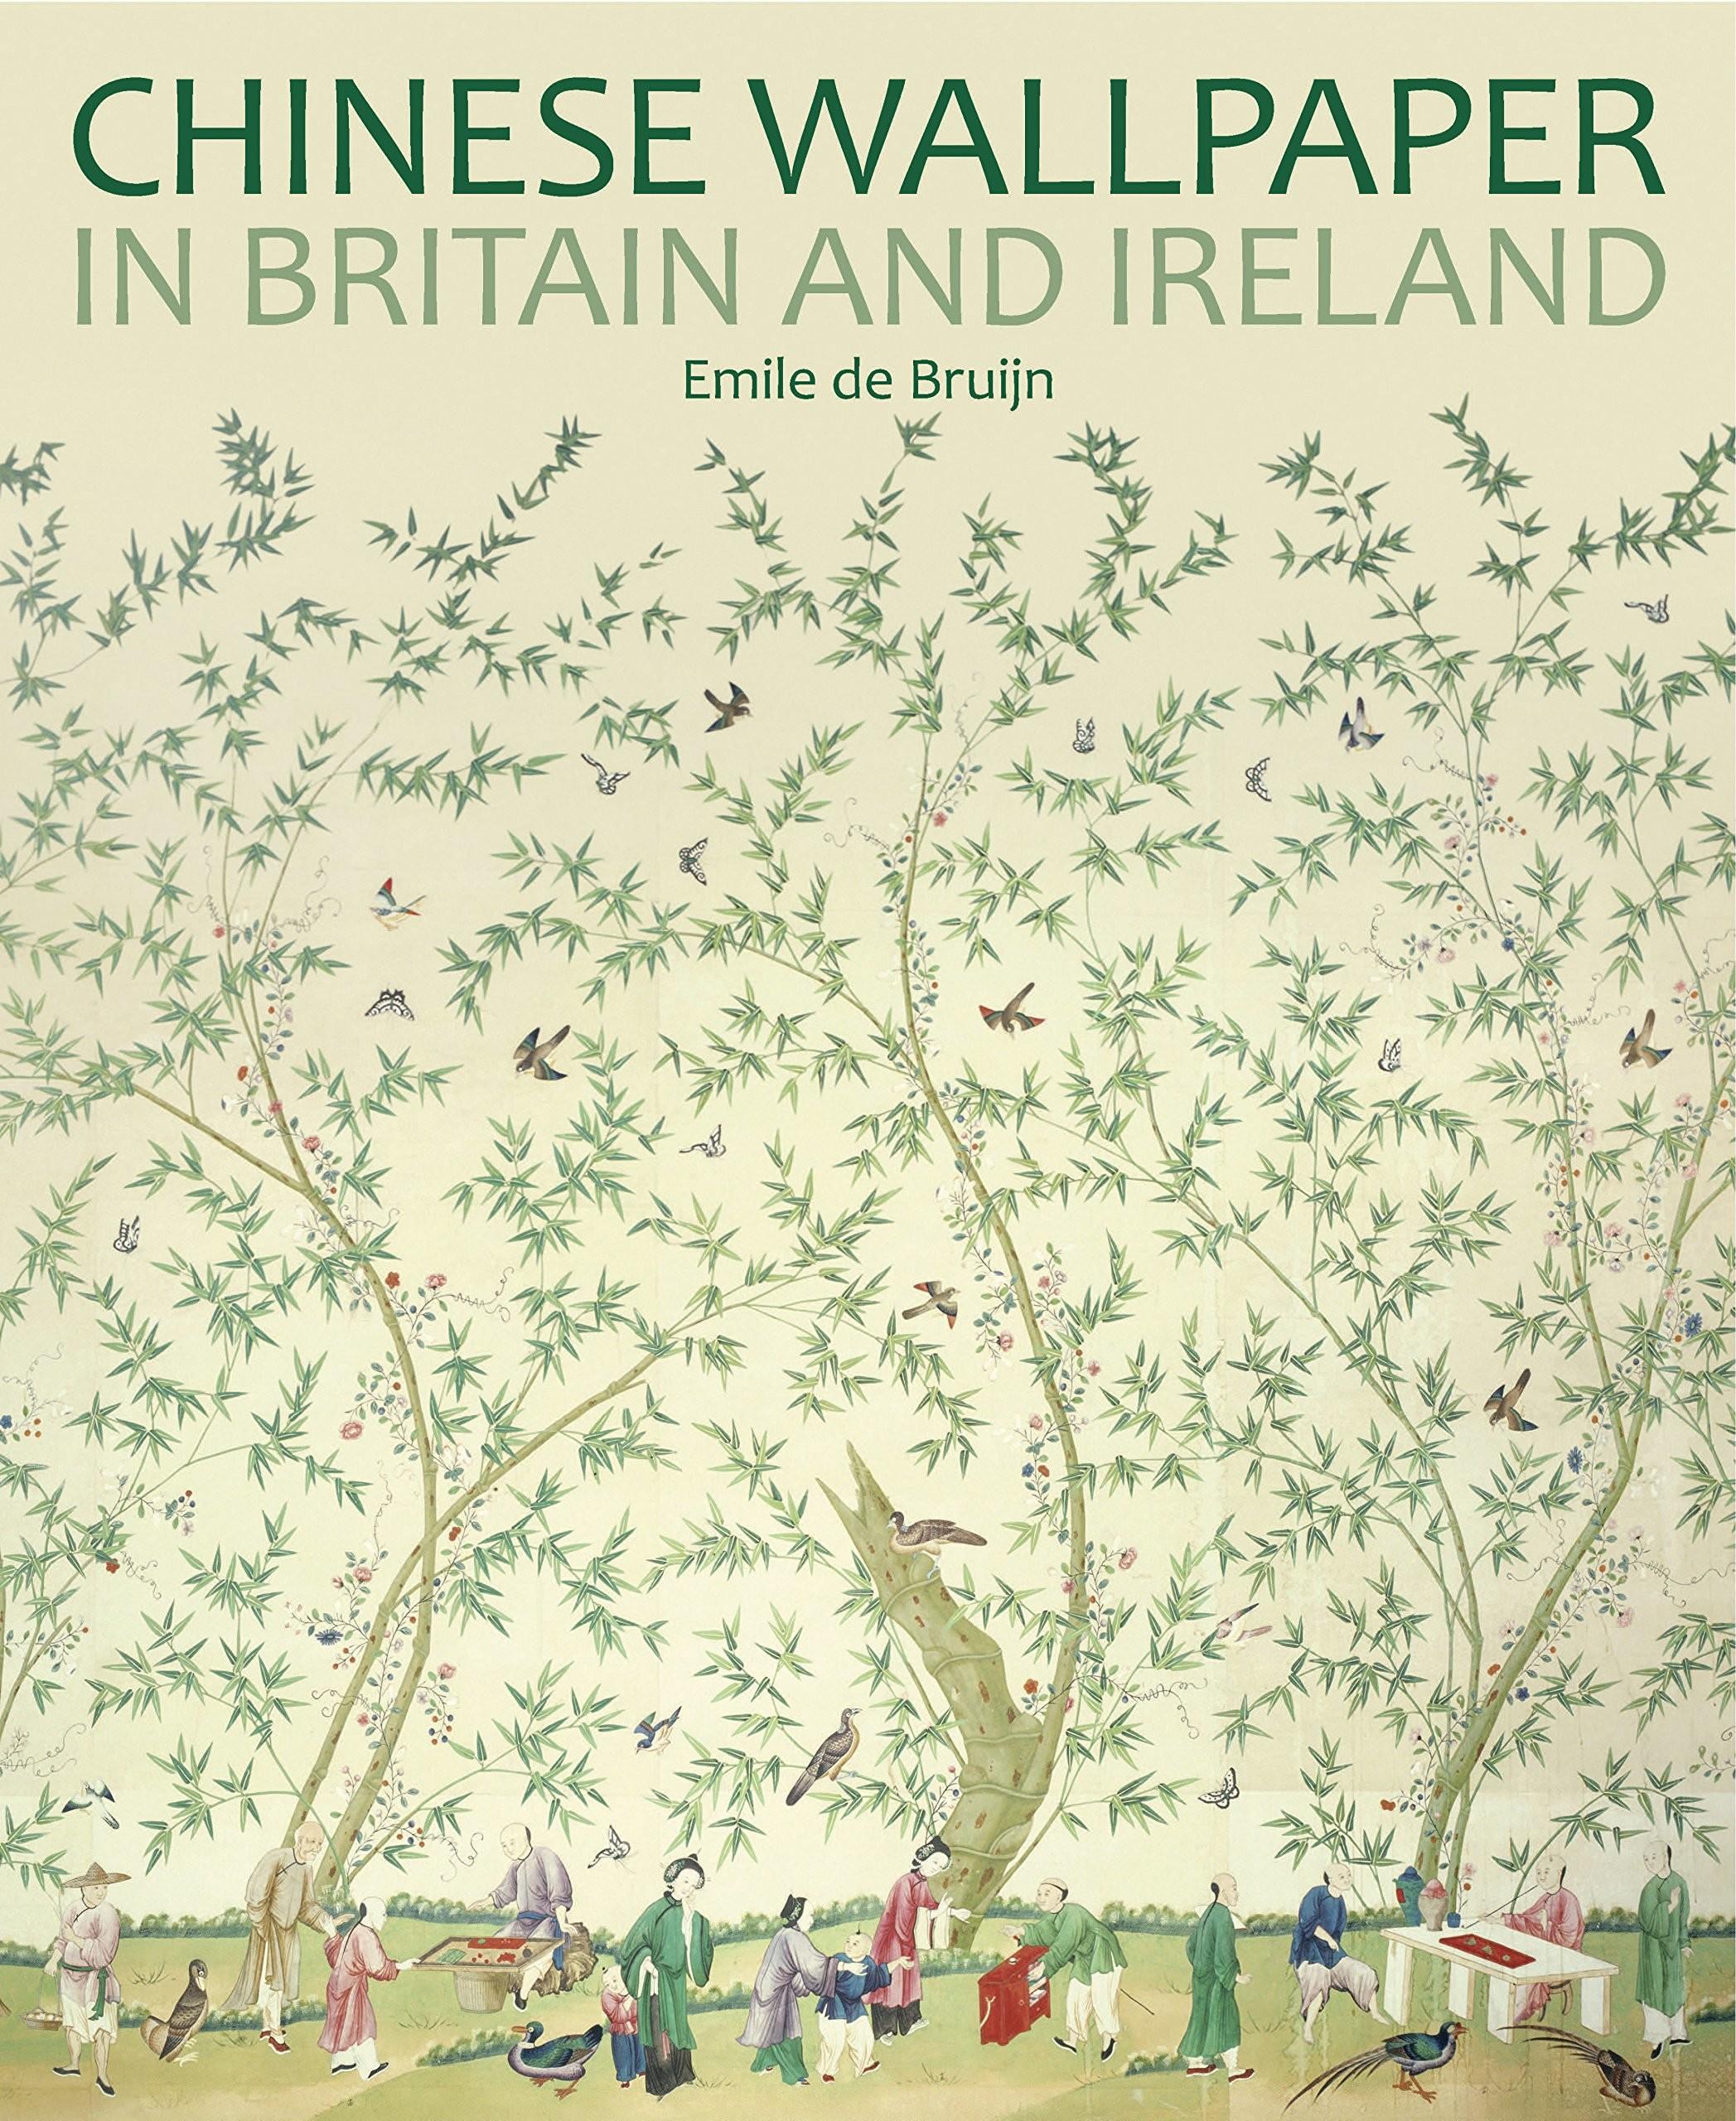 Res: 2095x2560, Chinese Wallpaper in Britain and Ireland: Amazon.de: Emile de Bruijn:  Fremdsprachige Bücher